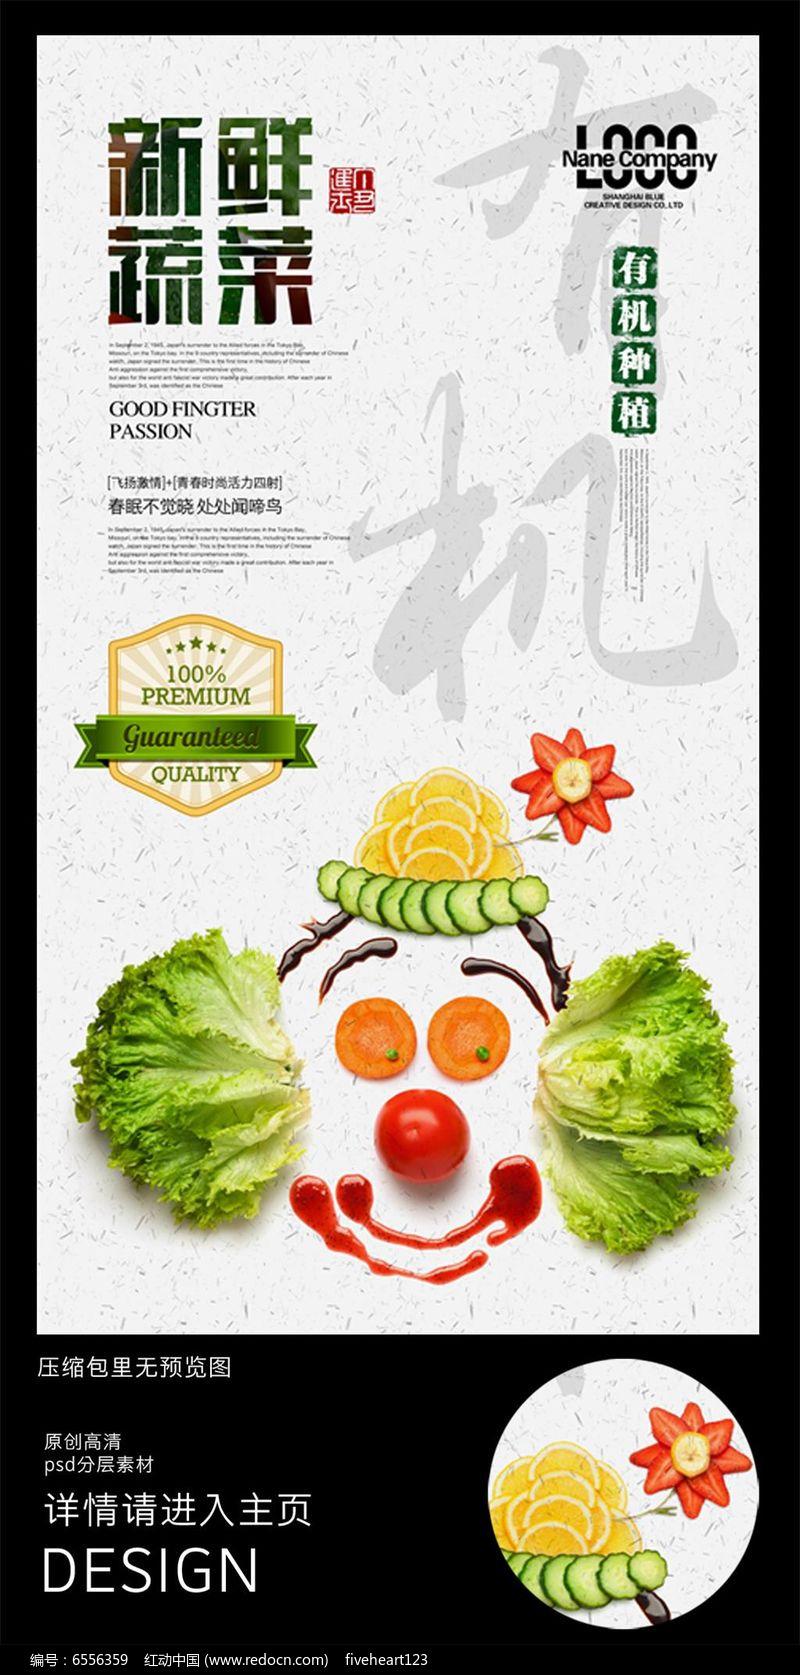 原创设计稿 海报设计/宣传单/广告牌 海报设计 创意新鲜有机蔬菜海报图片